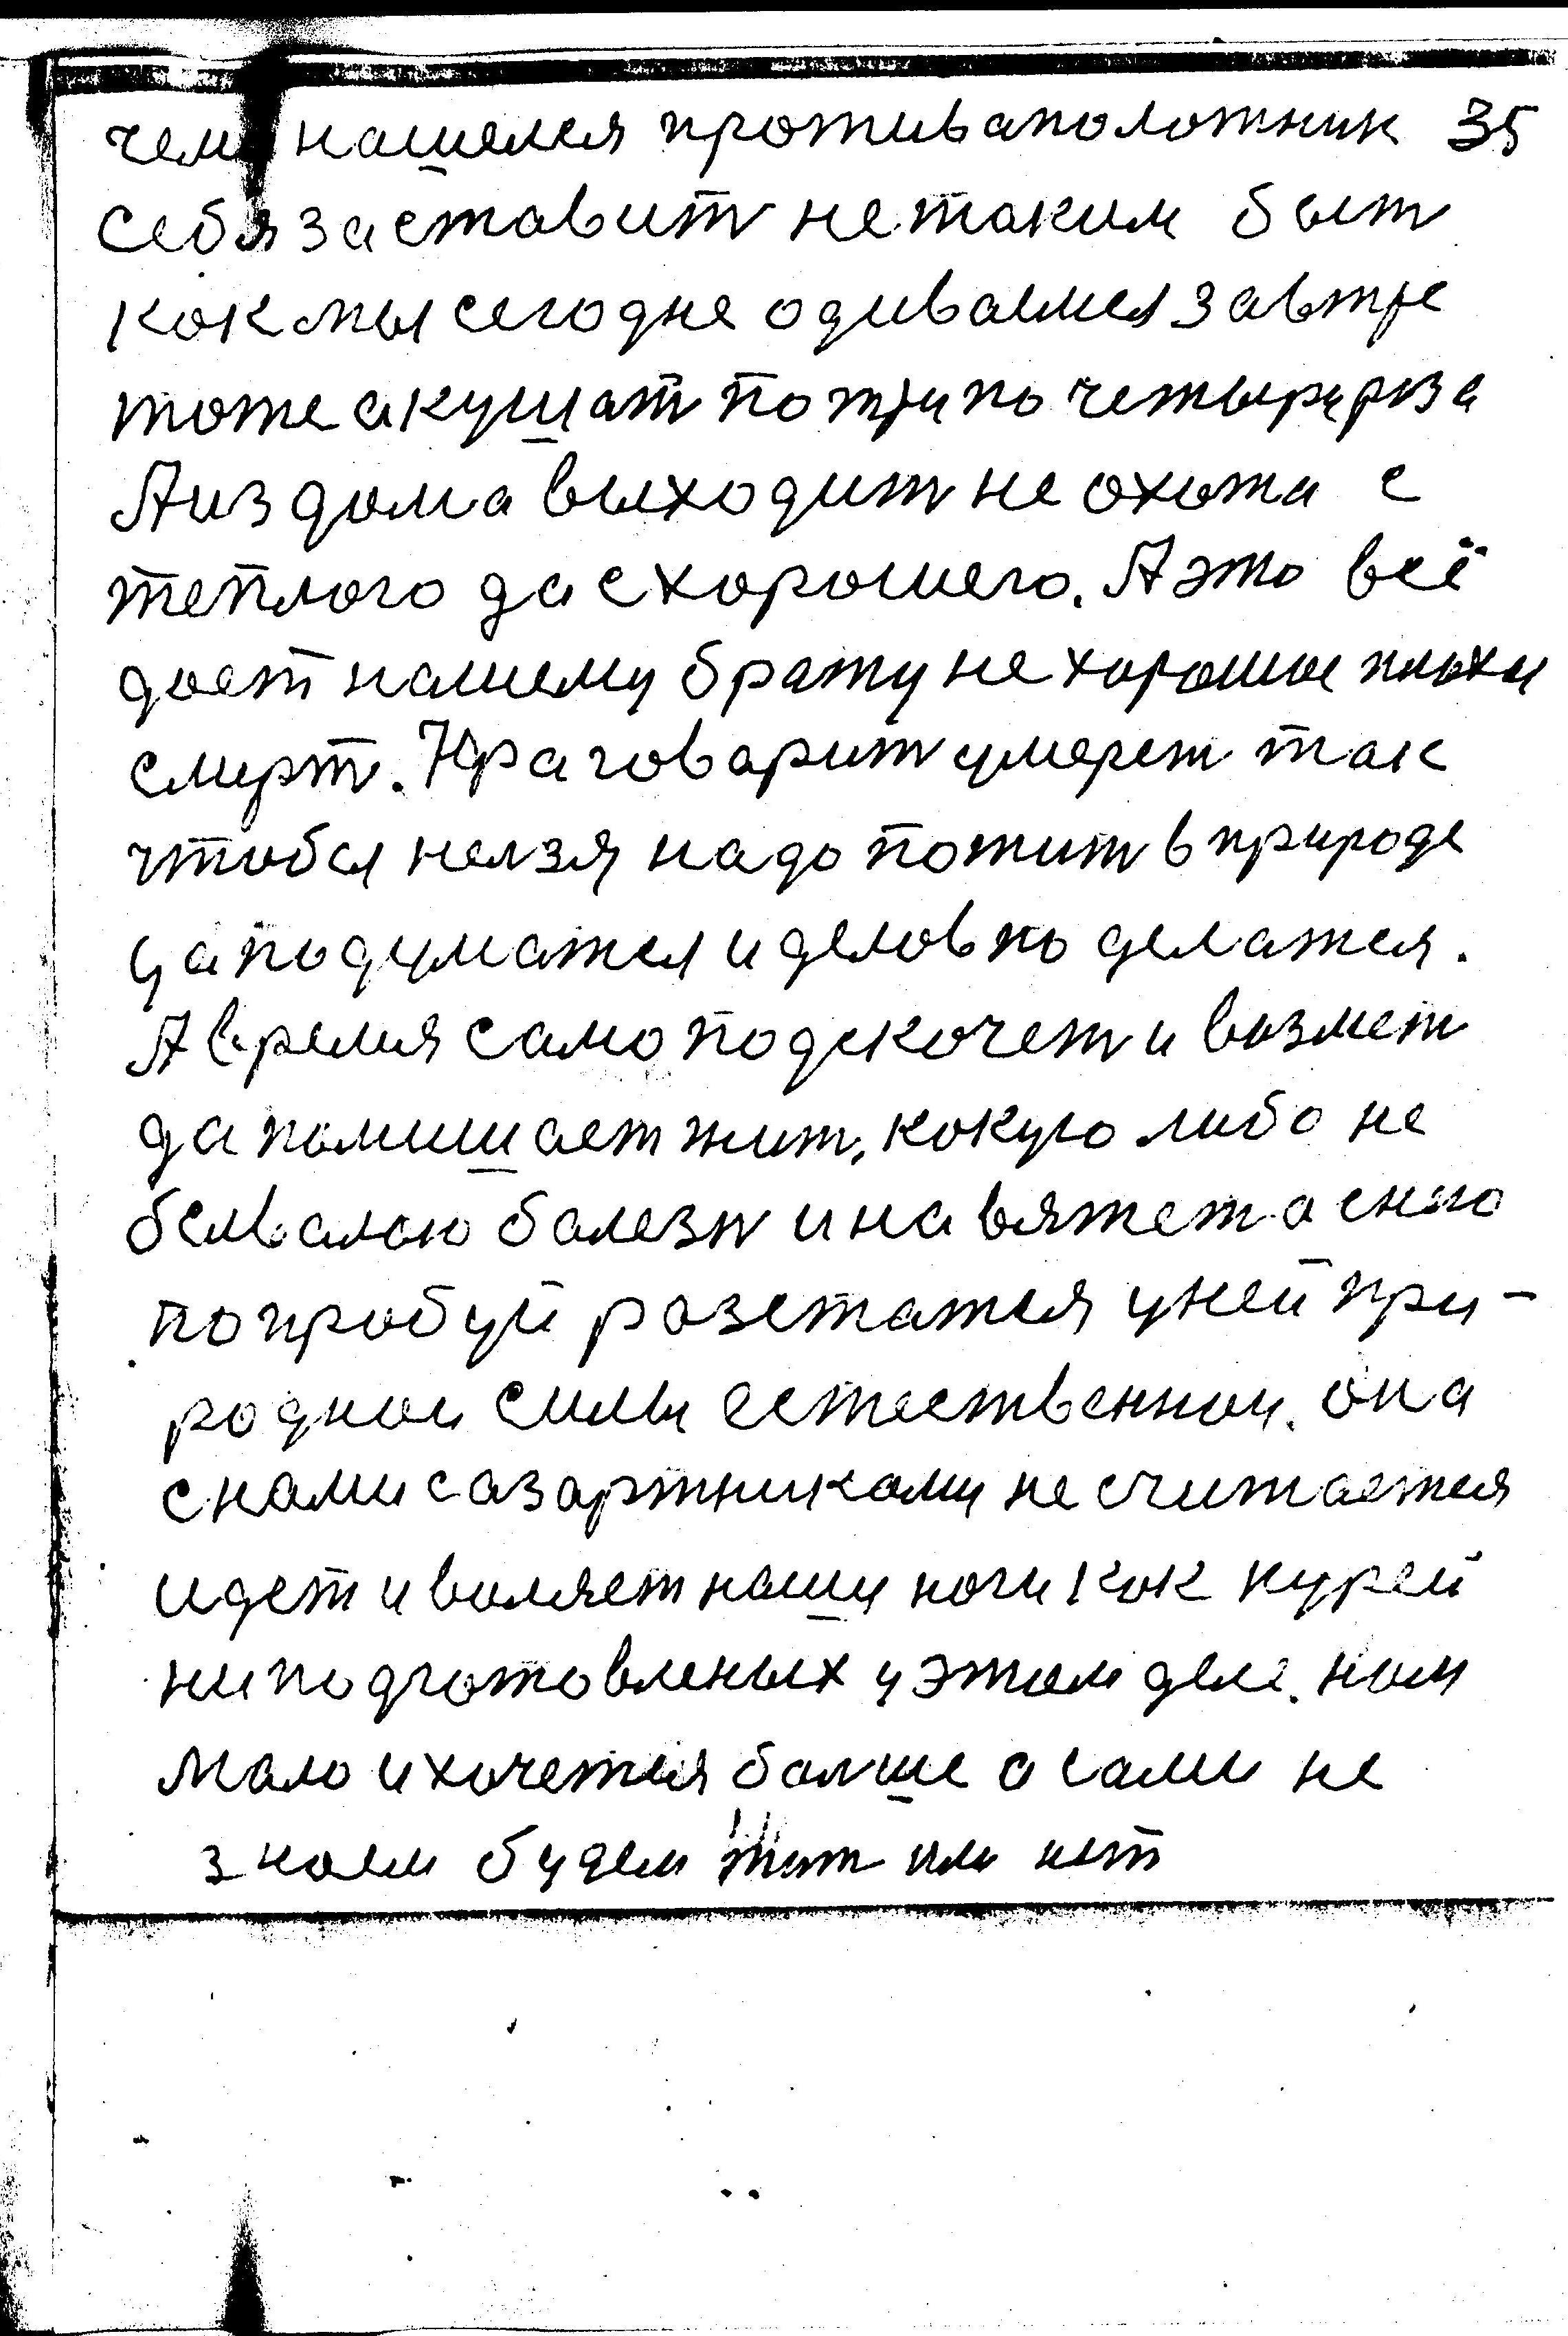 35-159.jpg